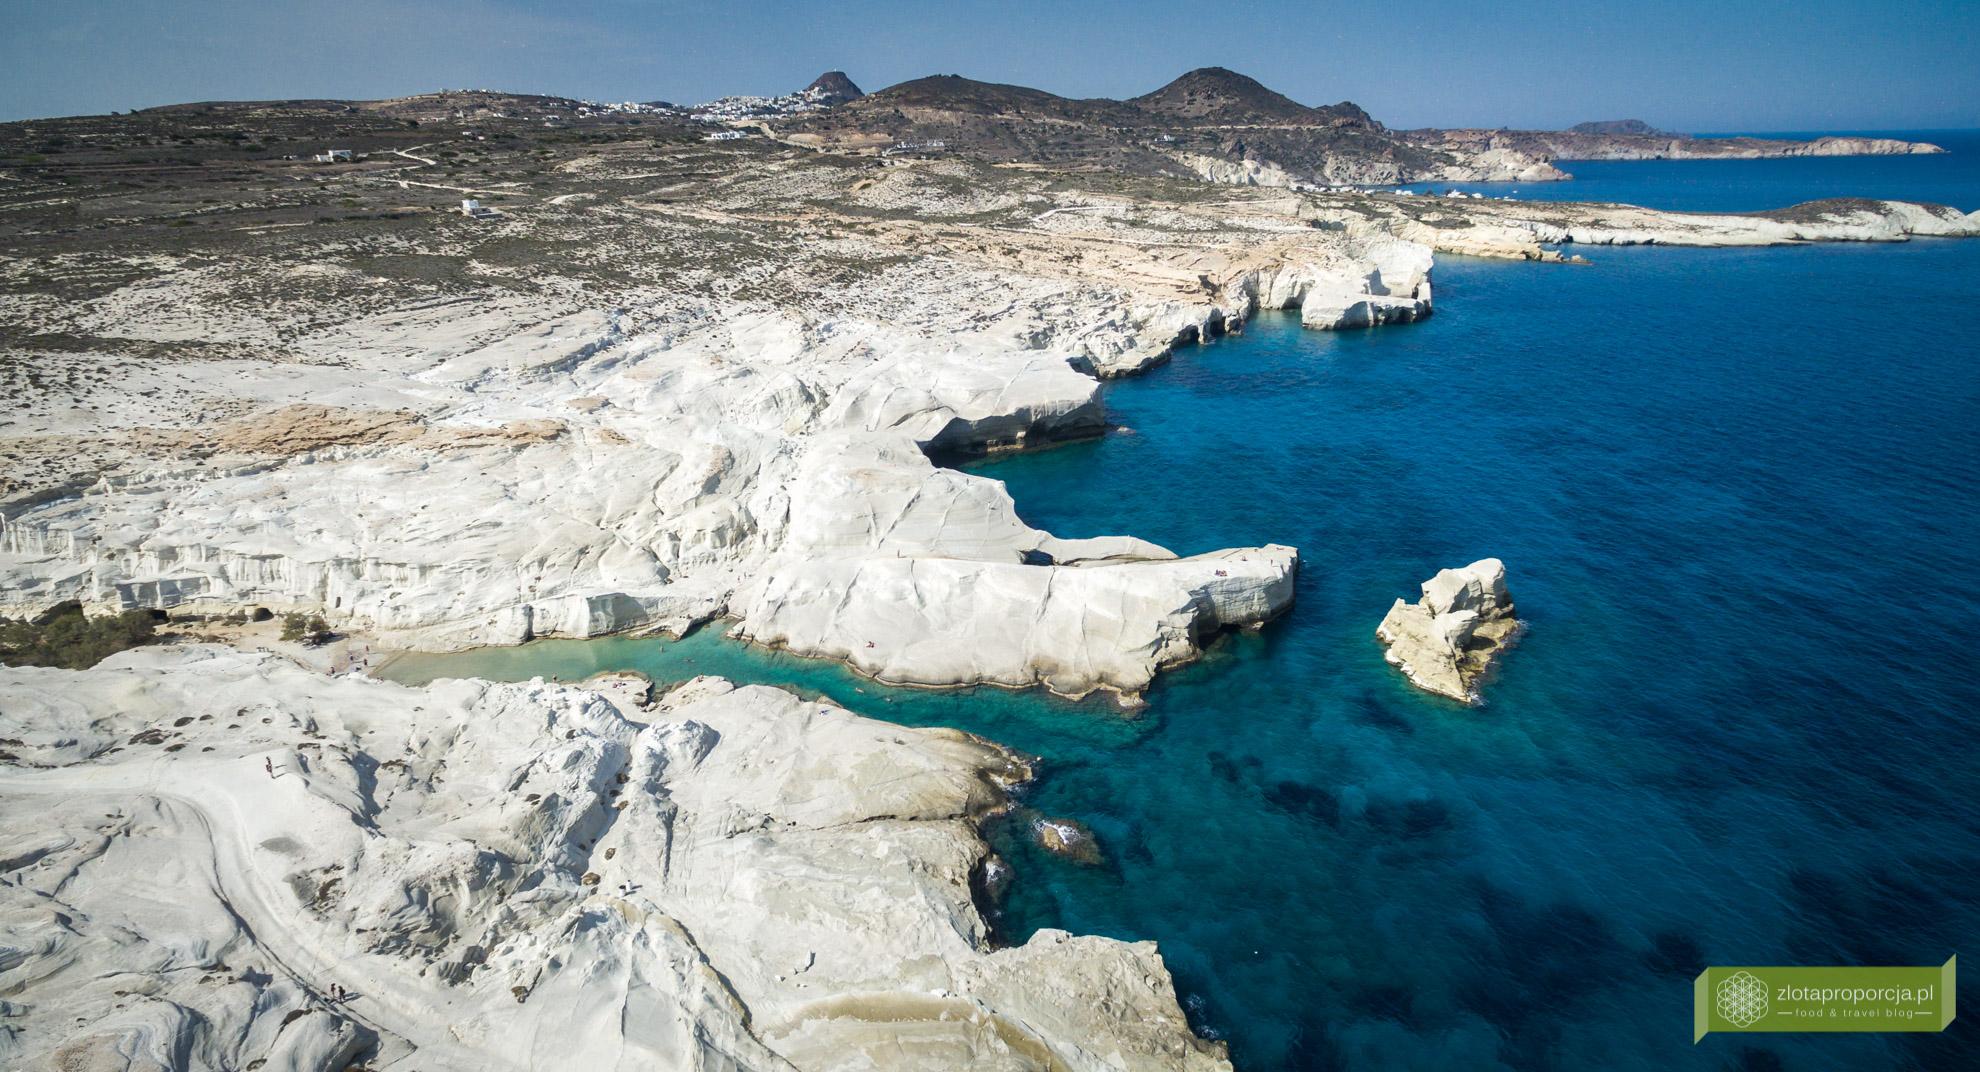 Sarakiniko, plaża Sarakiniko, Milos, wyspa Milos, Grecja, najpiękniejsze plaże Grecji, Cyklady